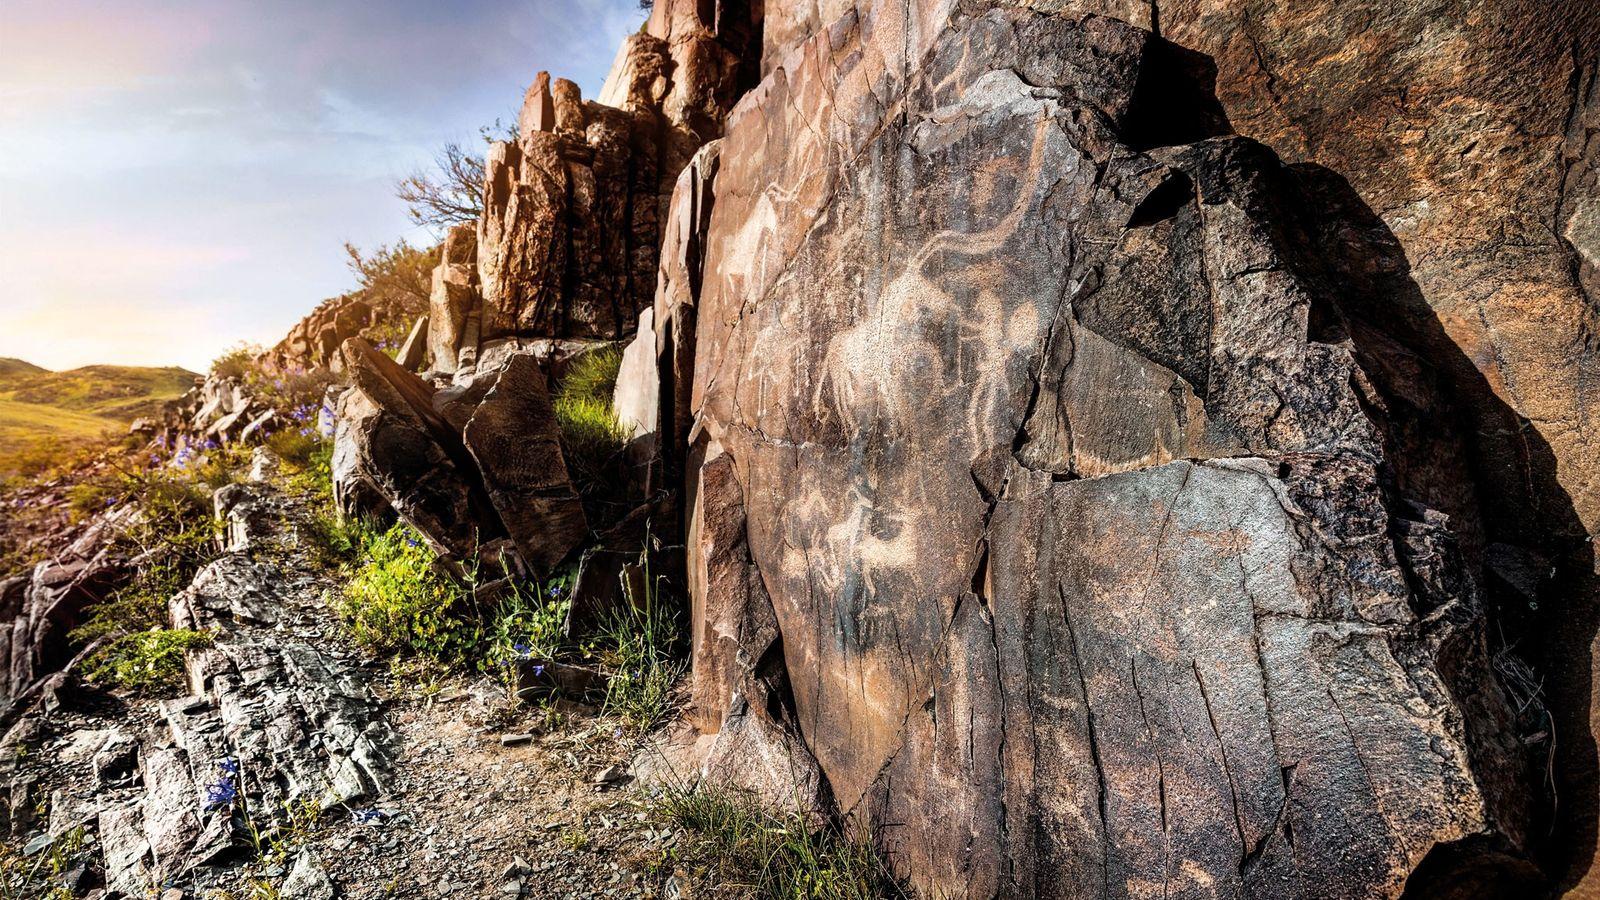 Les longues cornes d'un animal dominent un pétroglyphe datant de l'âge du bronze à Tamgaly.Les traits ...